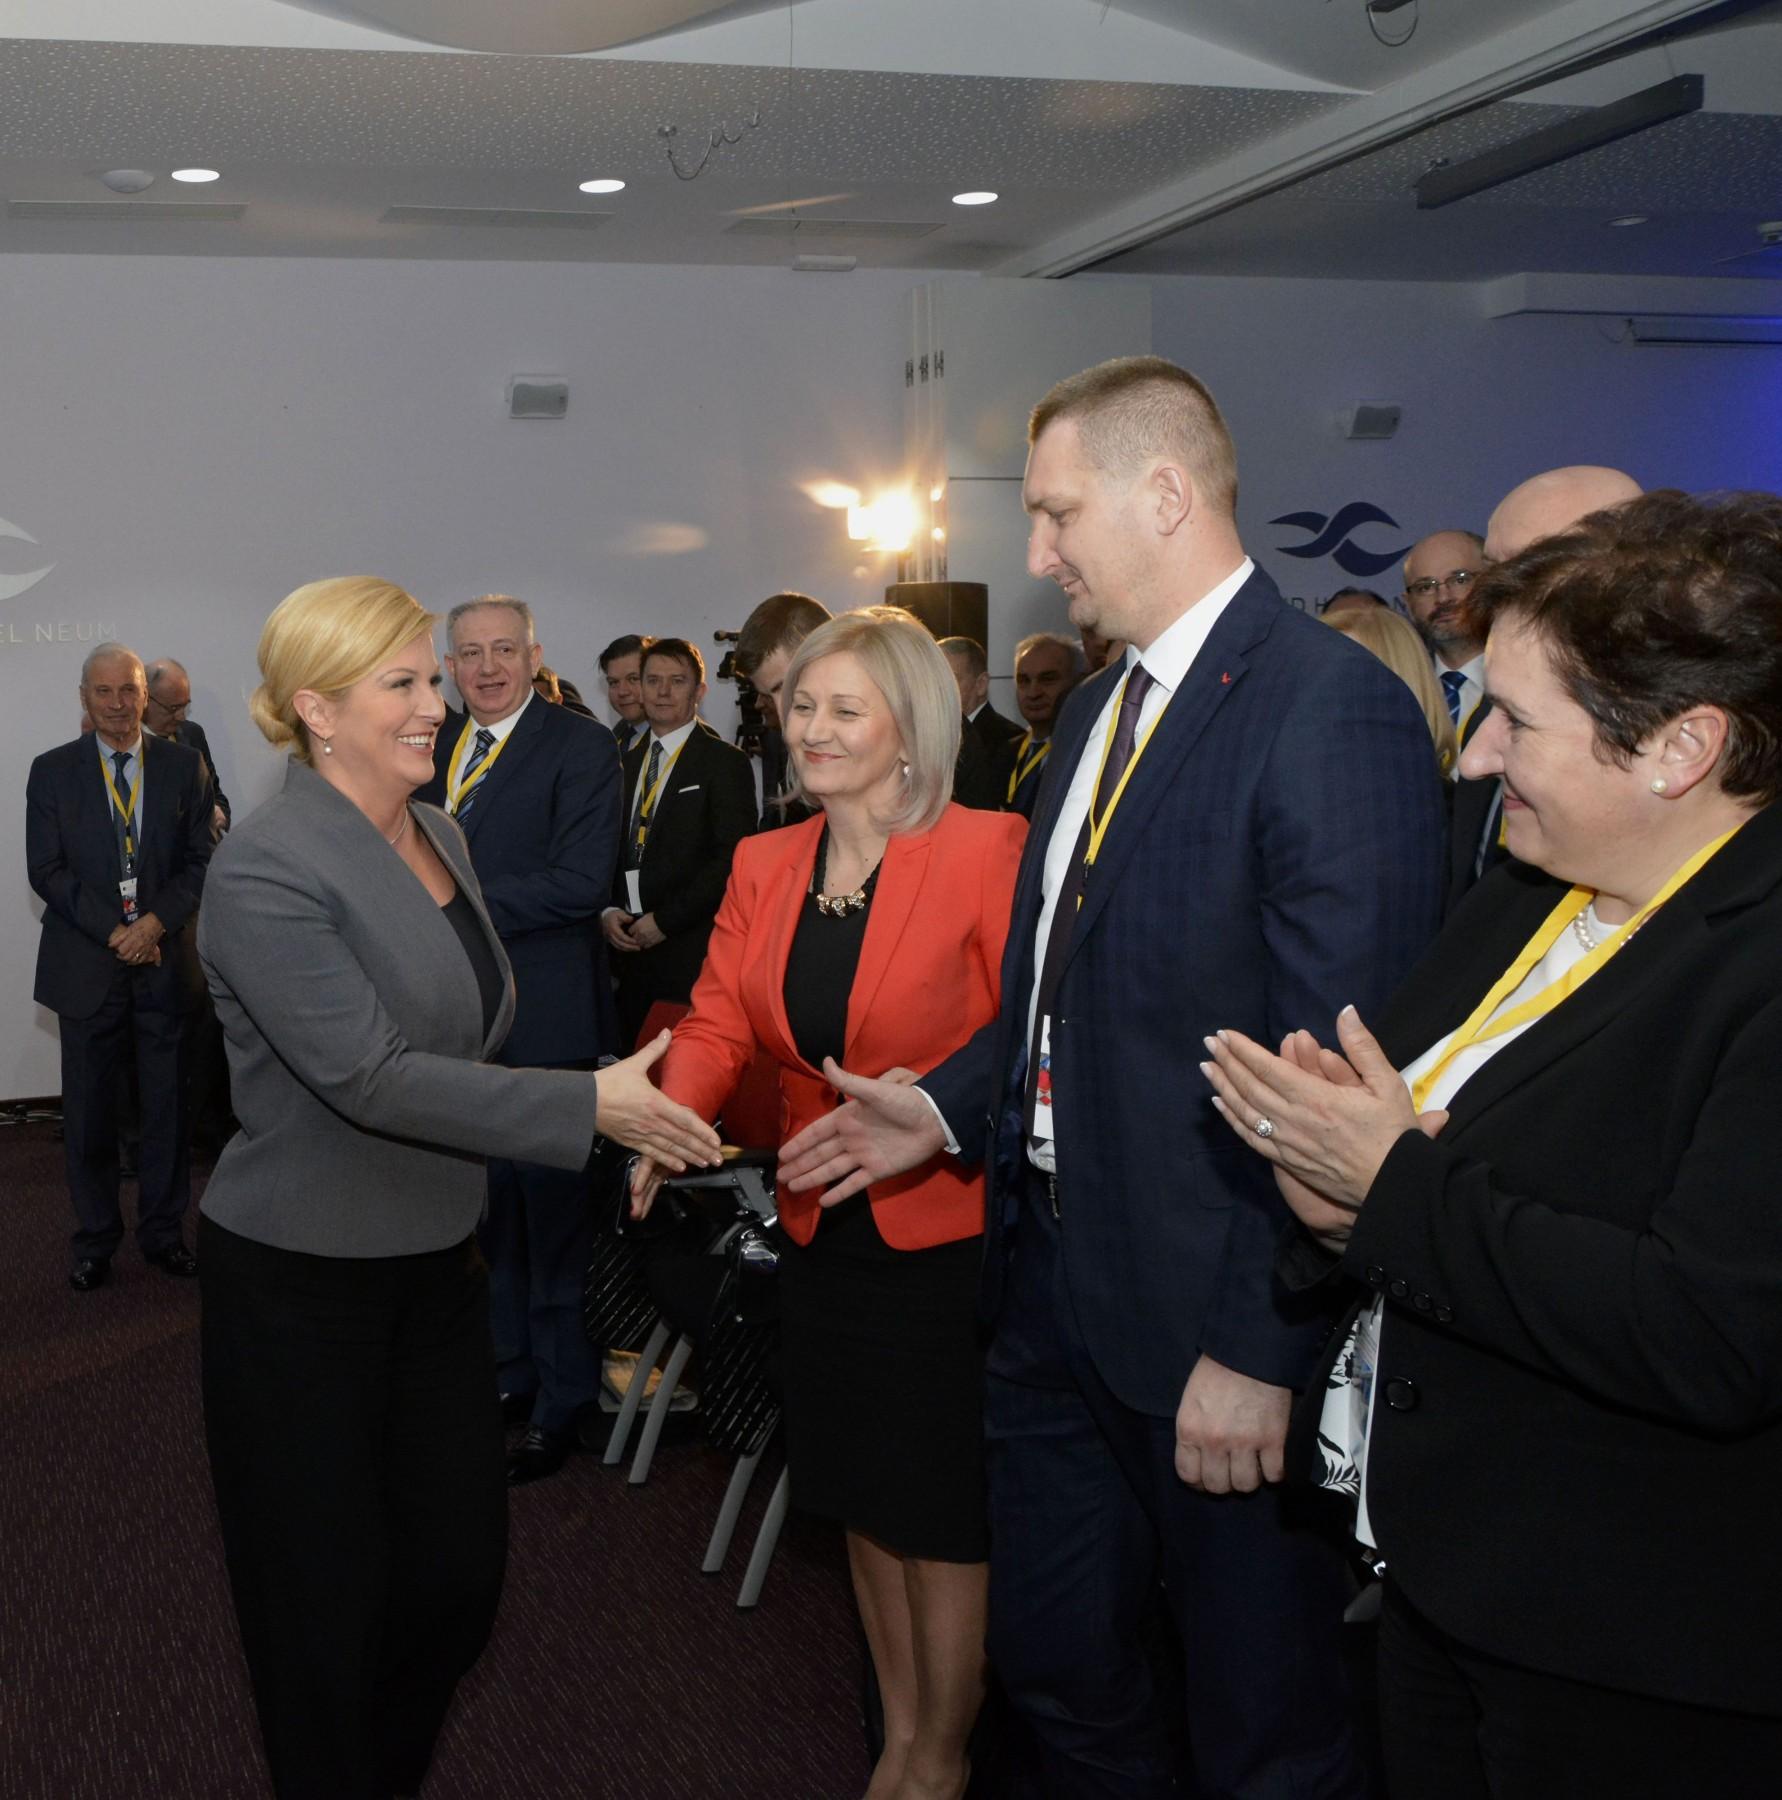 SKUP U NEUMU: BiH treba reforme, prioritet je žurno dograditi Daytonski sporazum i izmijeniti Izborni zakon